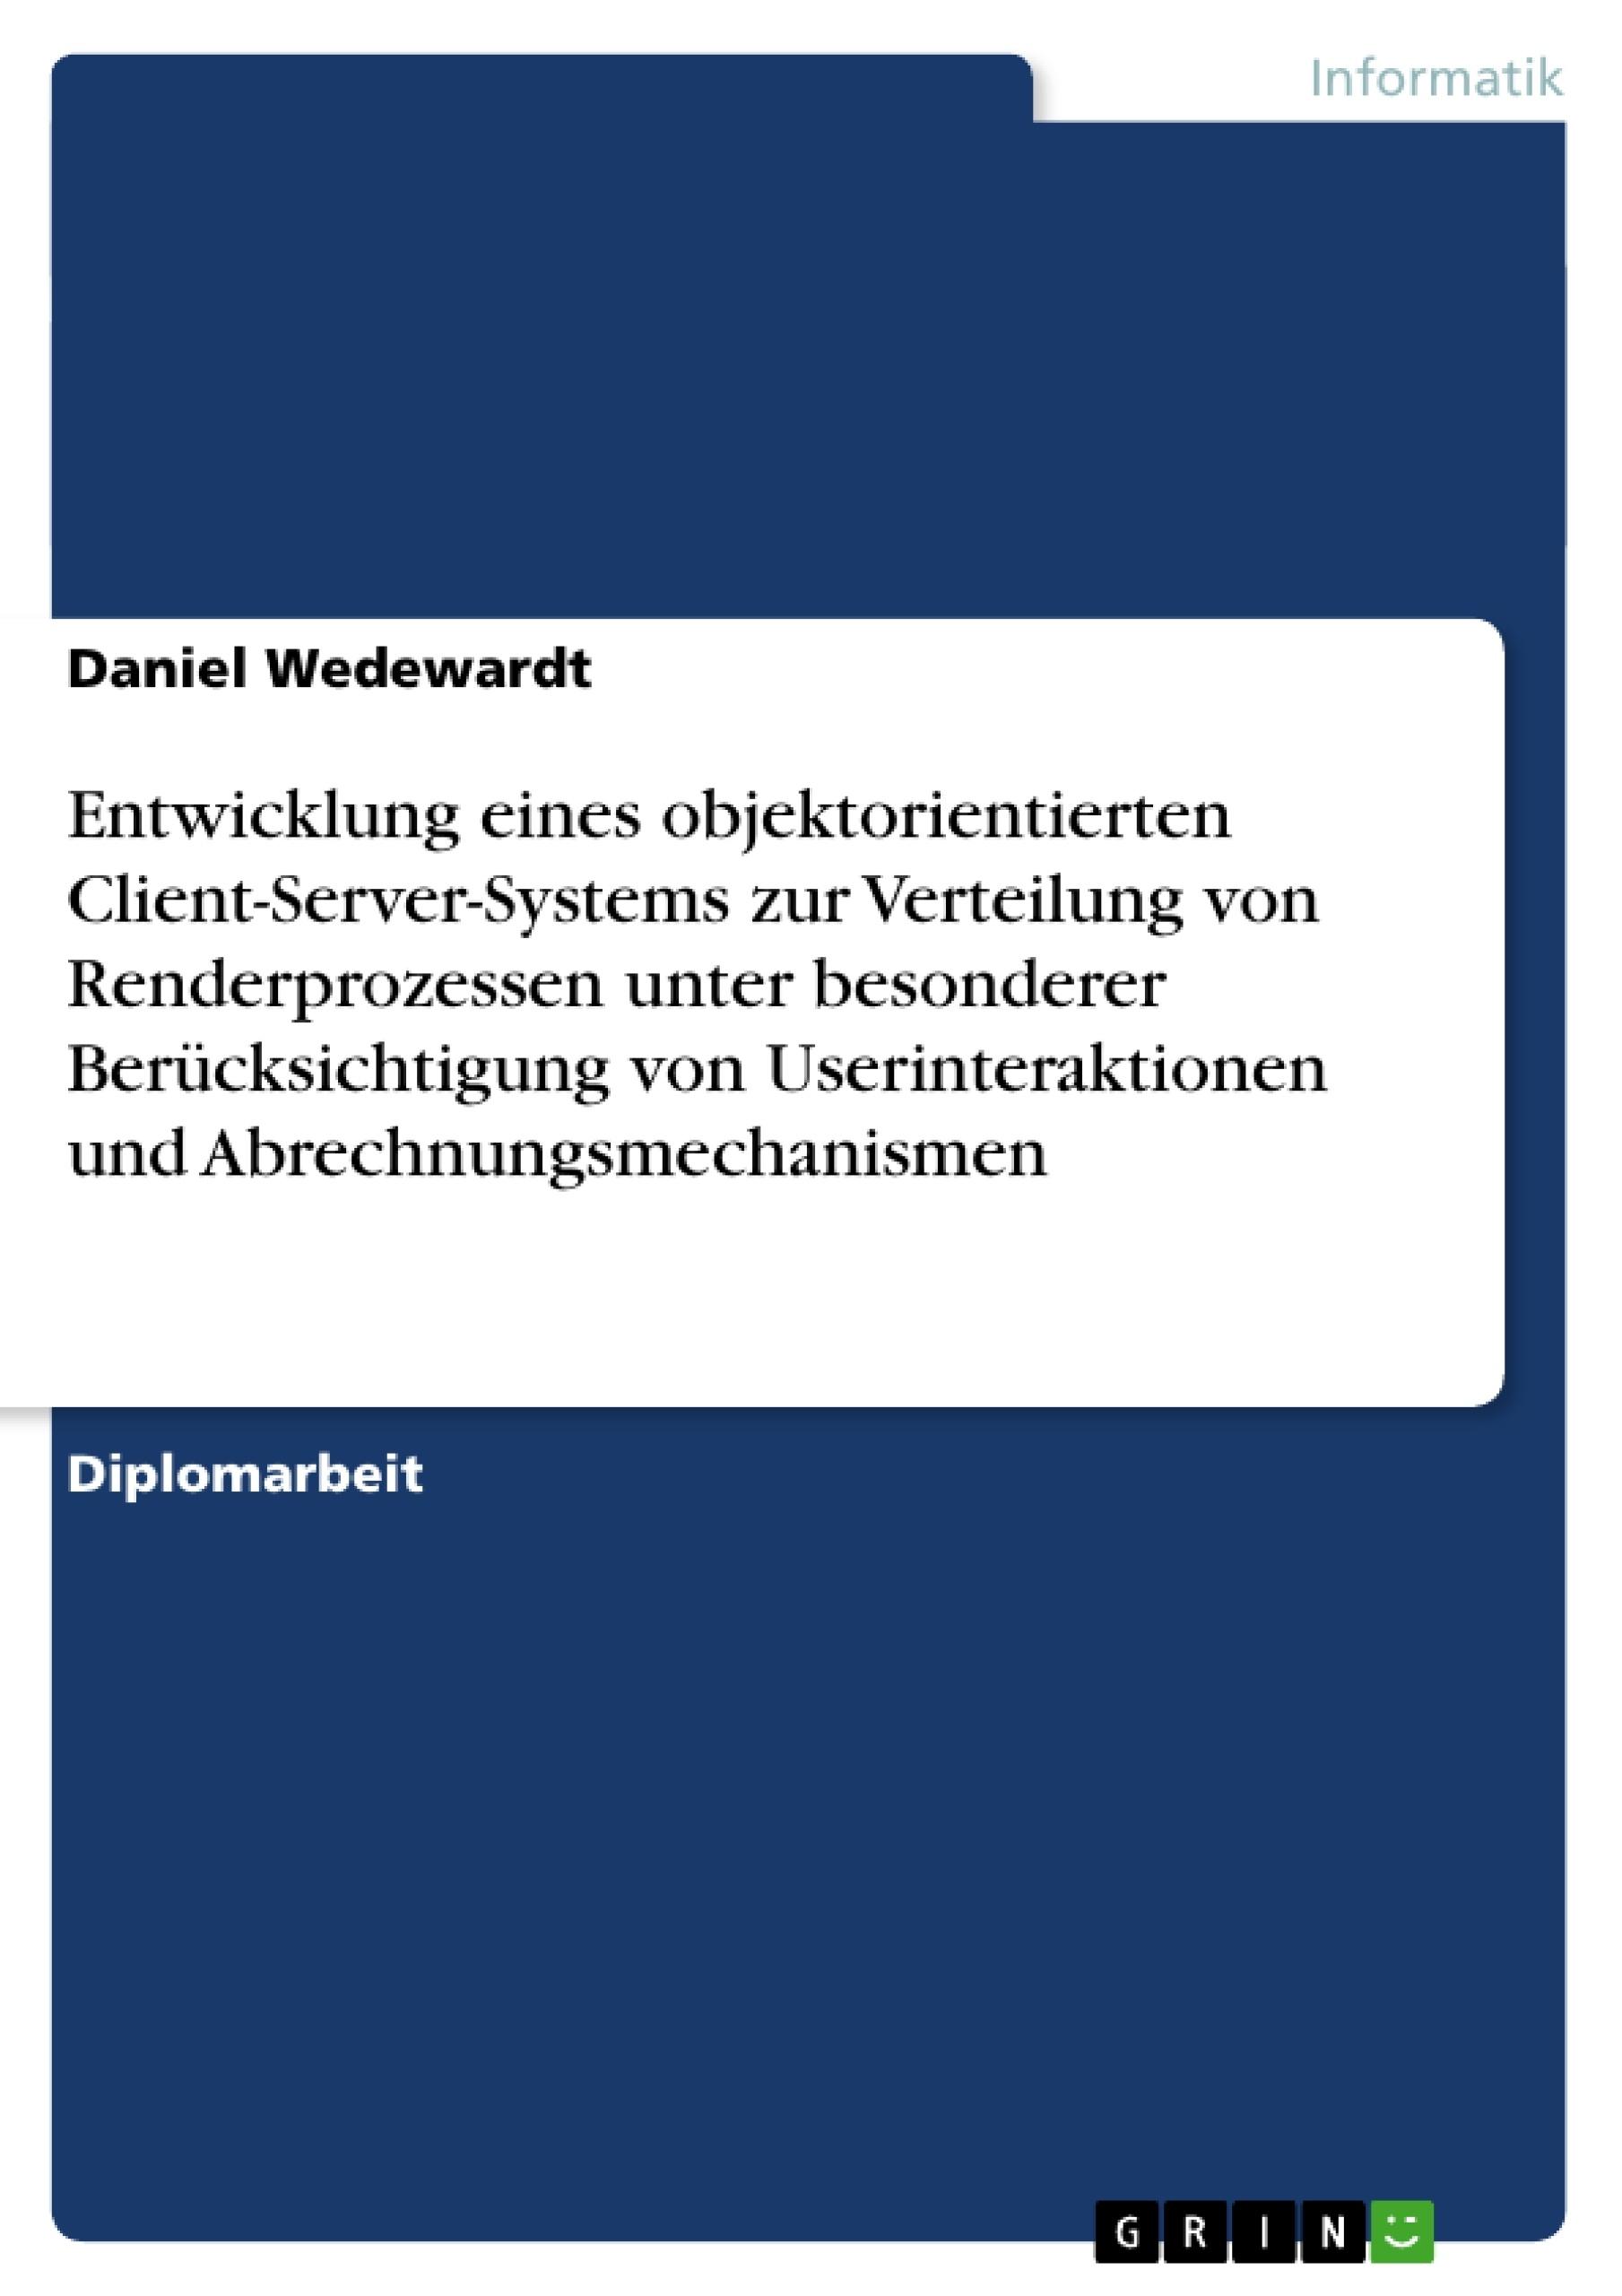 Titel: Entwicklung eines objektorientierten Client-Server-Systems zur Verteilung von Renderprozessen unter besonderer Berücksichtigung von Userinteraktionen und Abrechnungsmechanismen